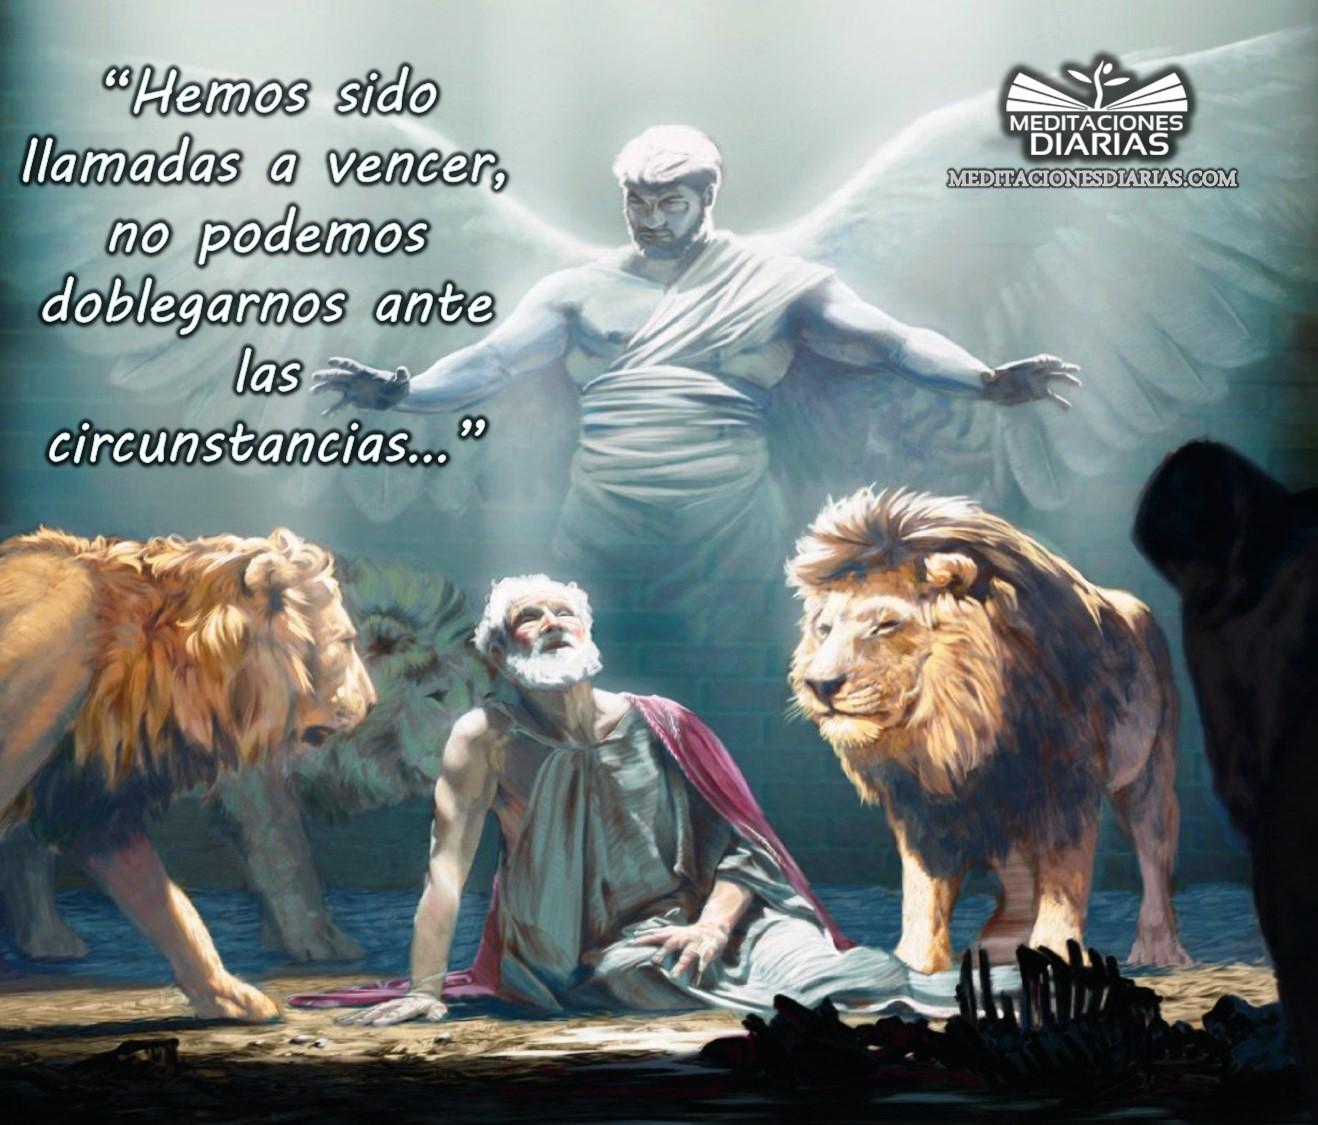 La fortaleza del cristiano